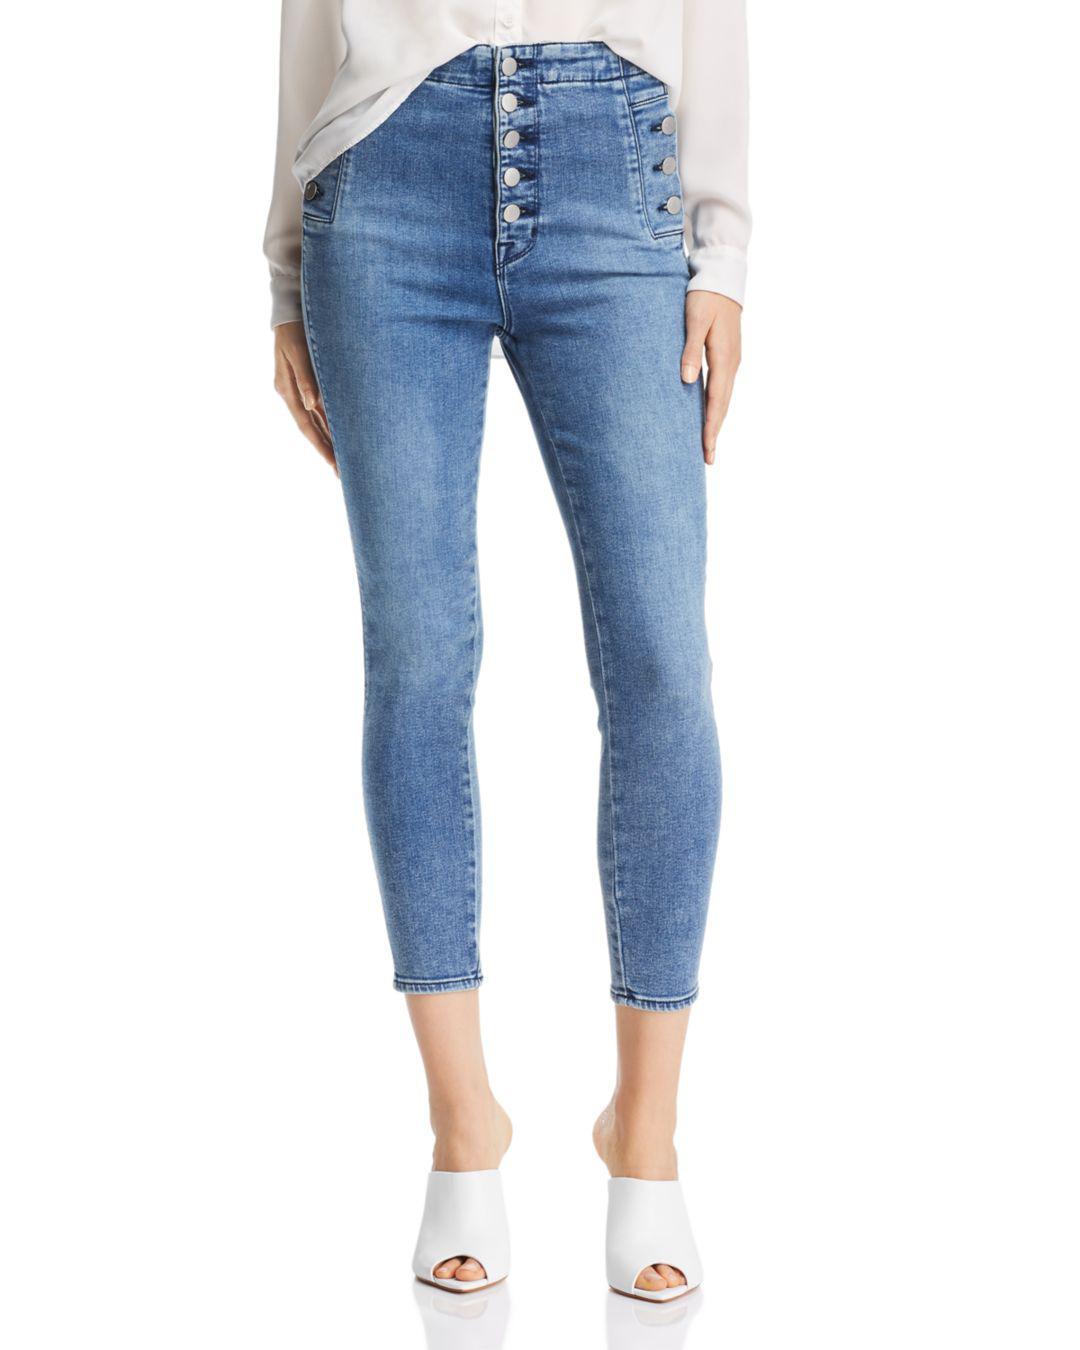 dca2cf54930 Lyst - J Brand Natasha Sky High Crop Skinny Jeans In Meteor in Blue